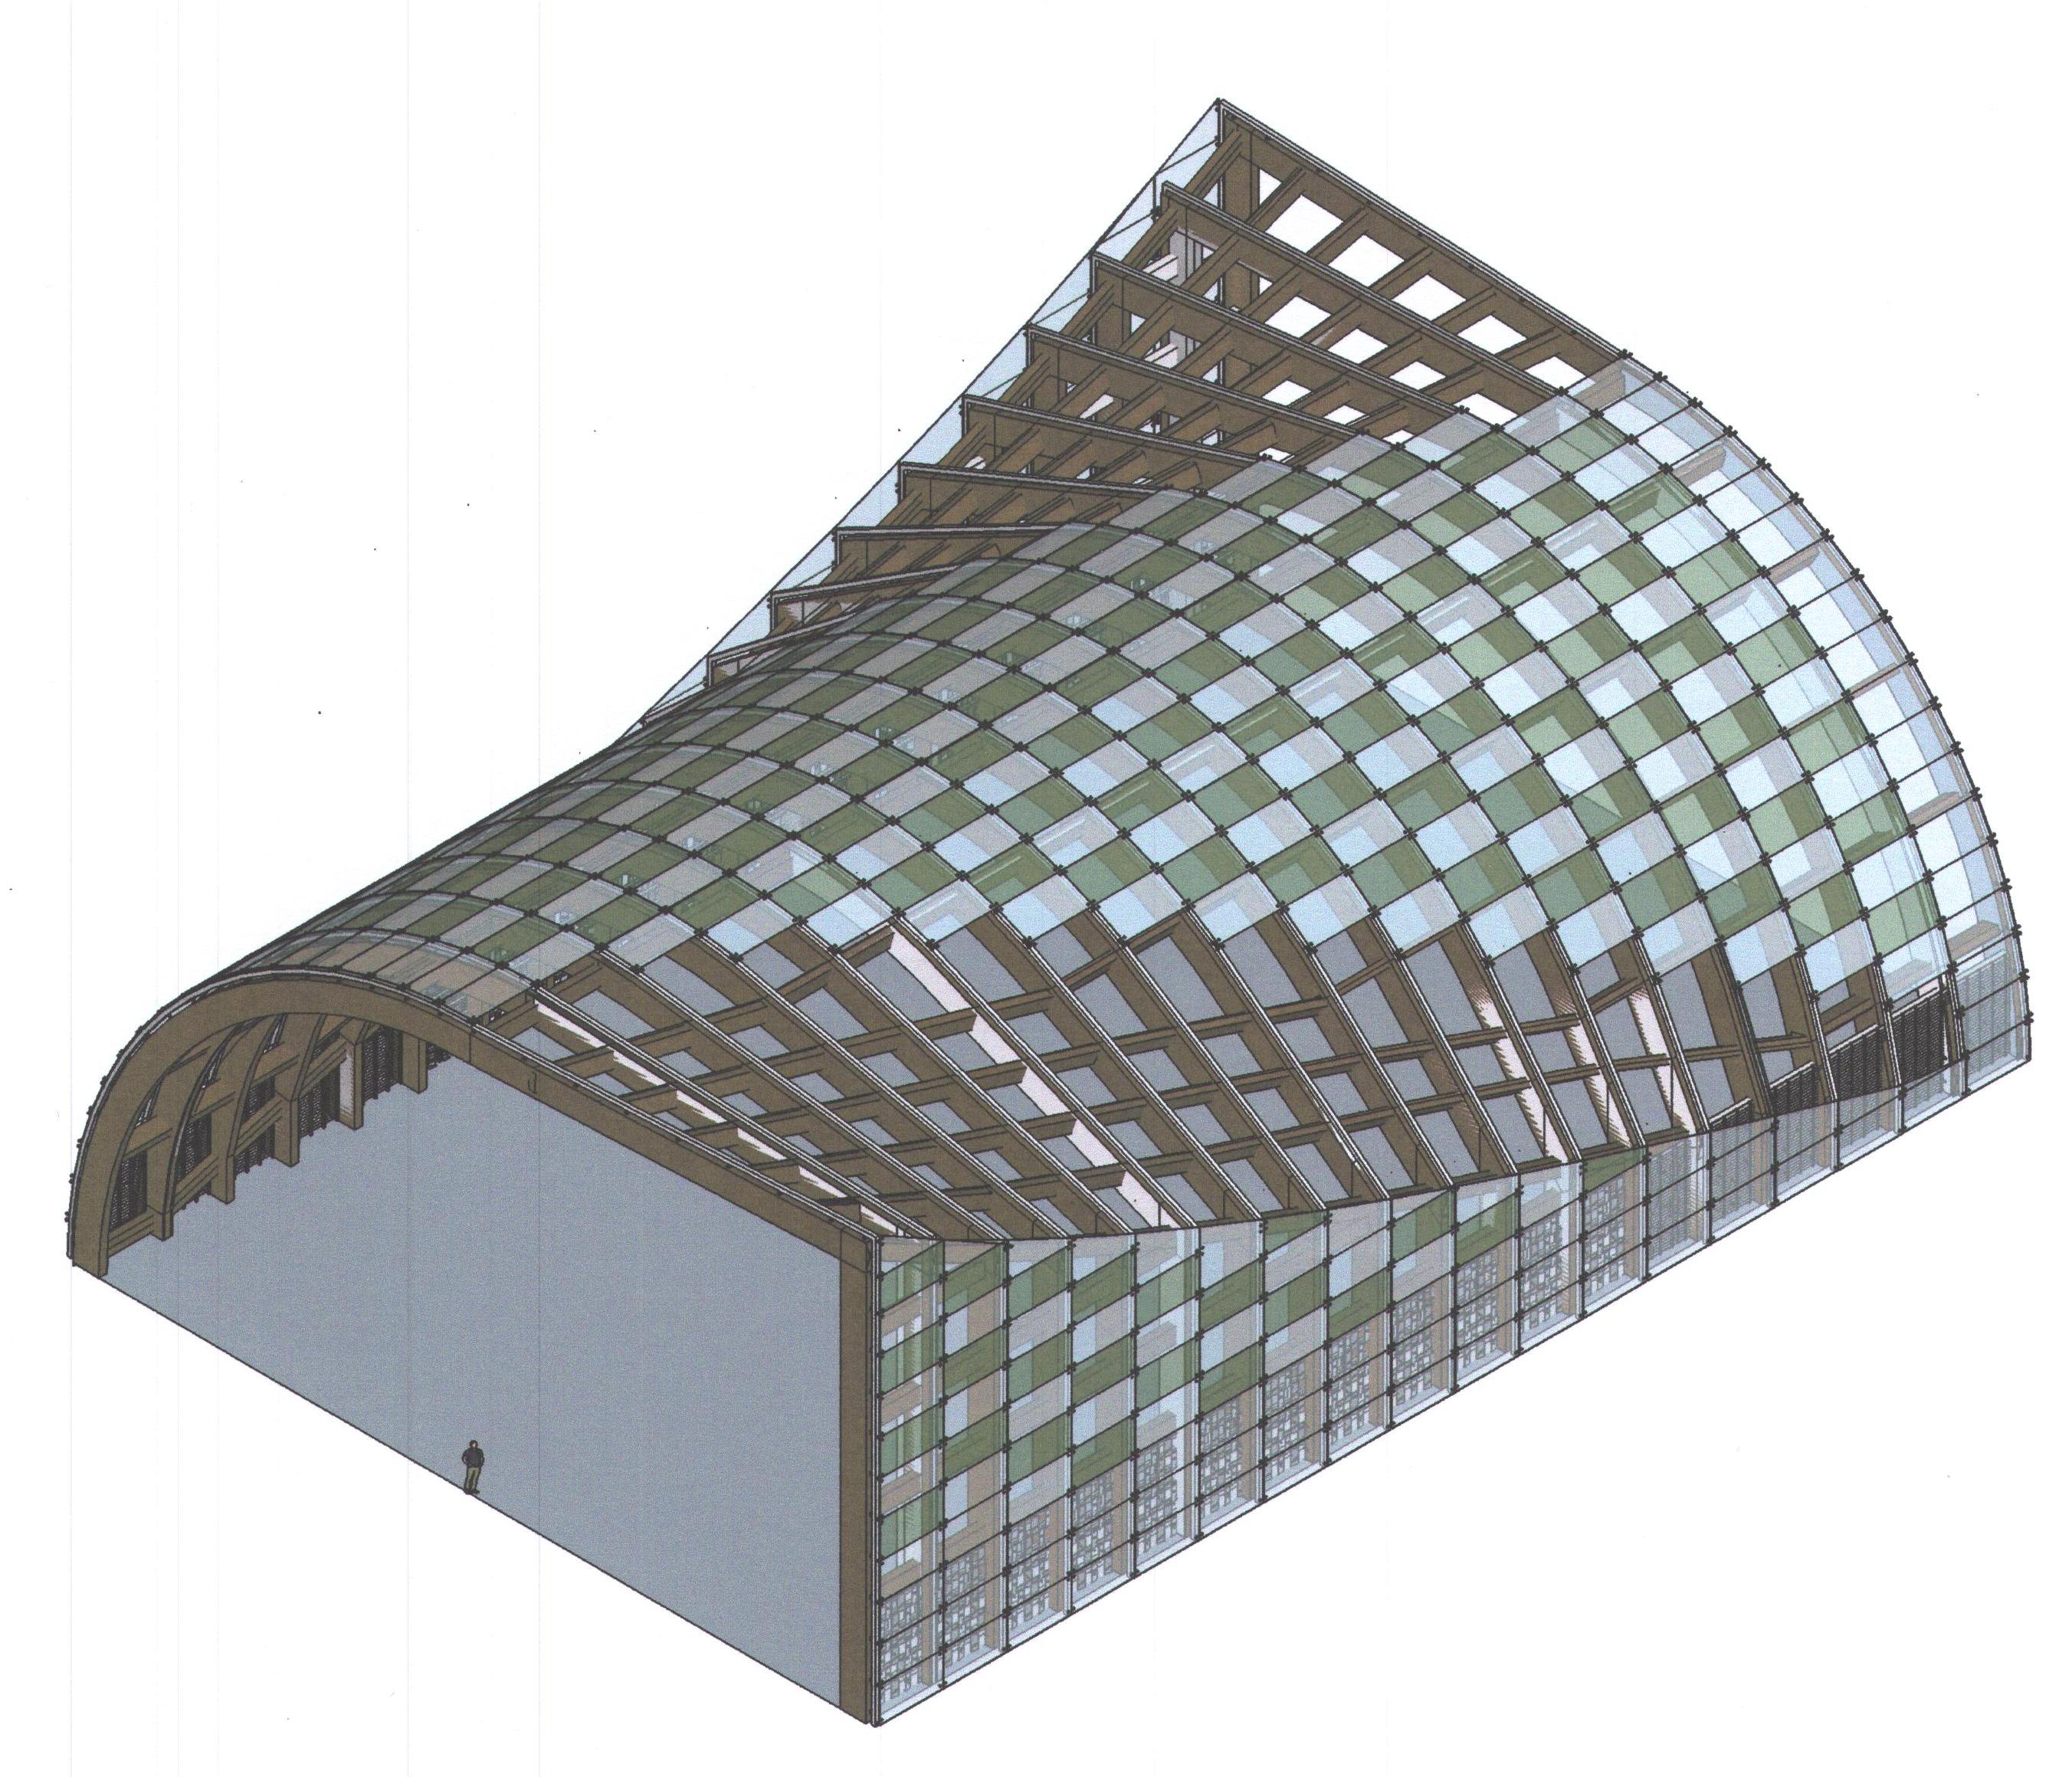 AR 3120 Studio Konstruksi dan Bahan 2 Tugas 4 & Tugas 3